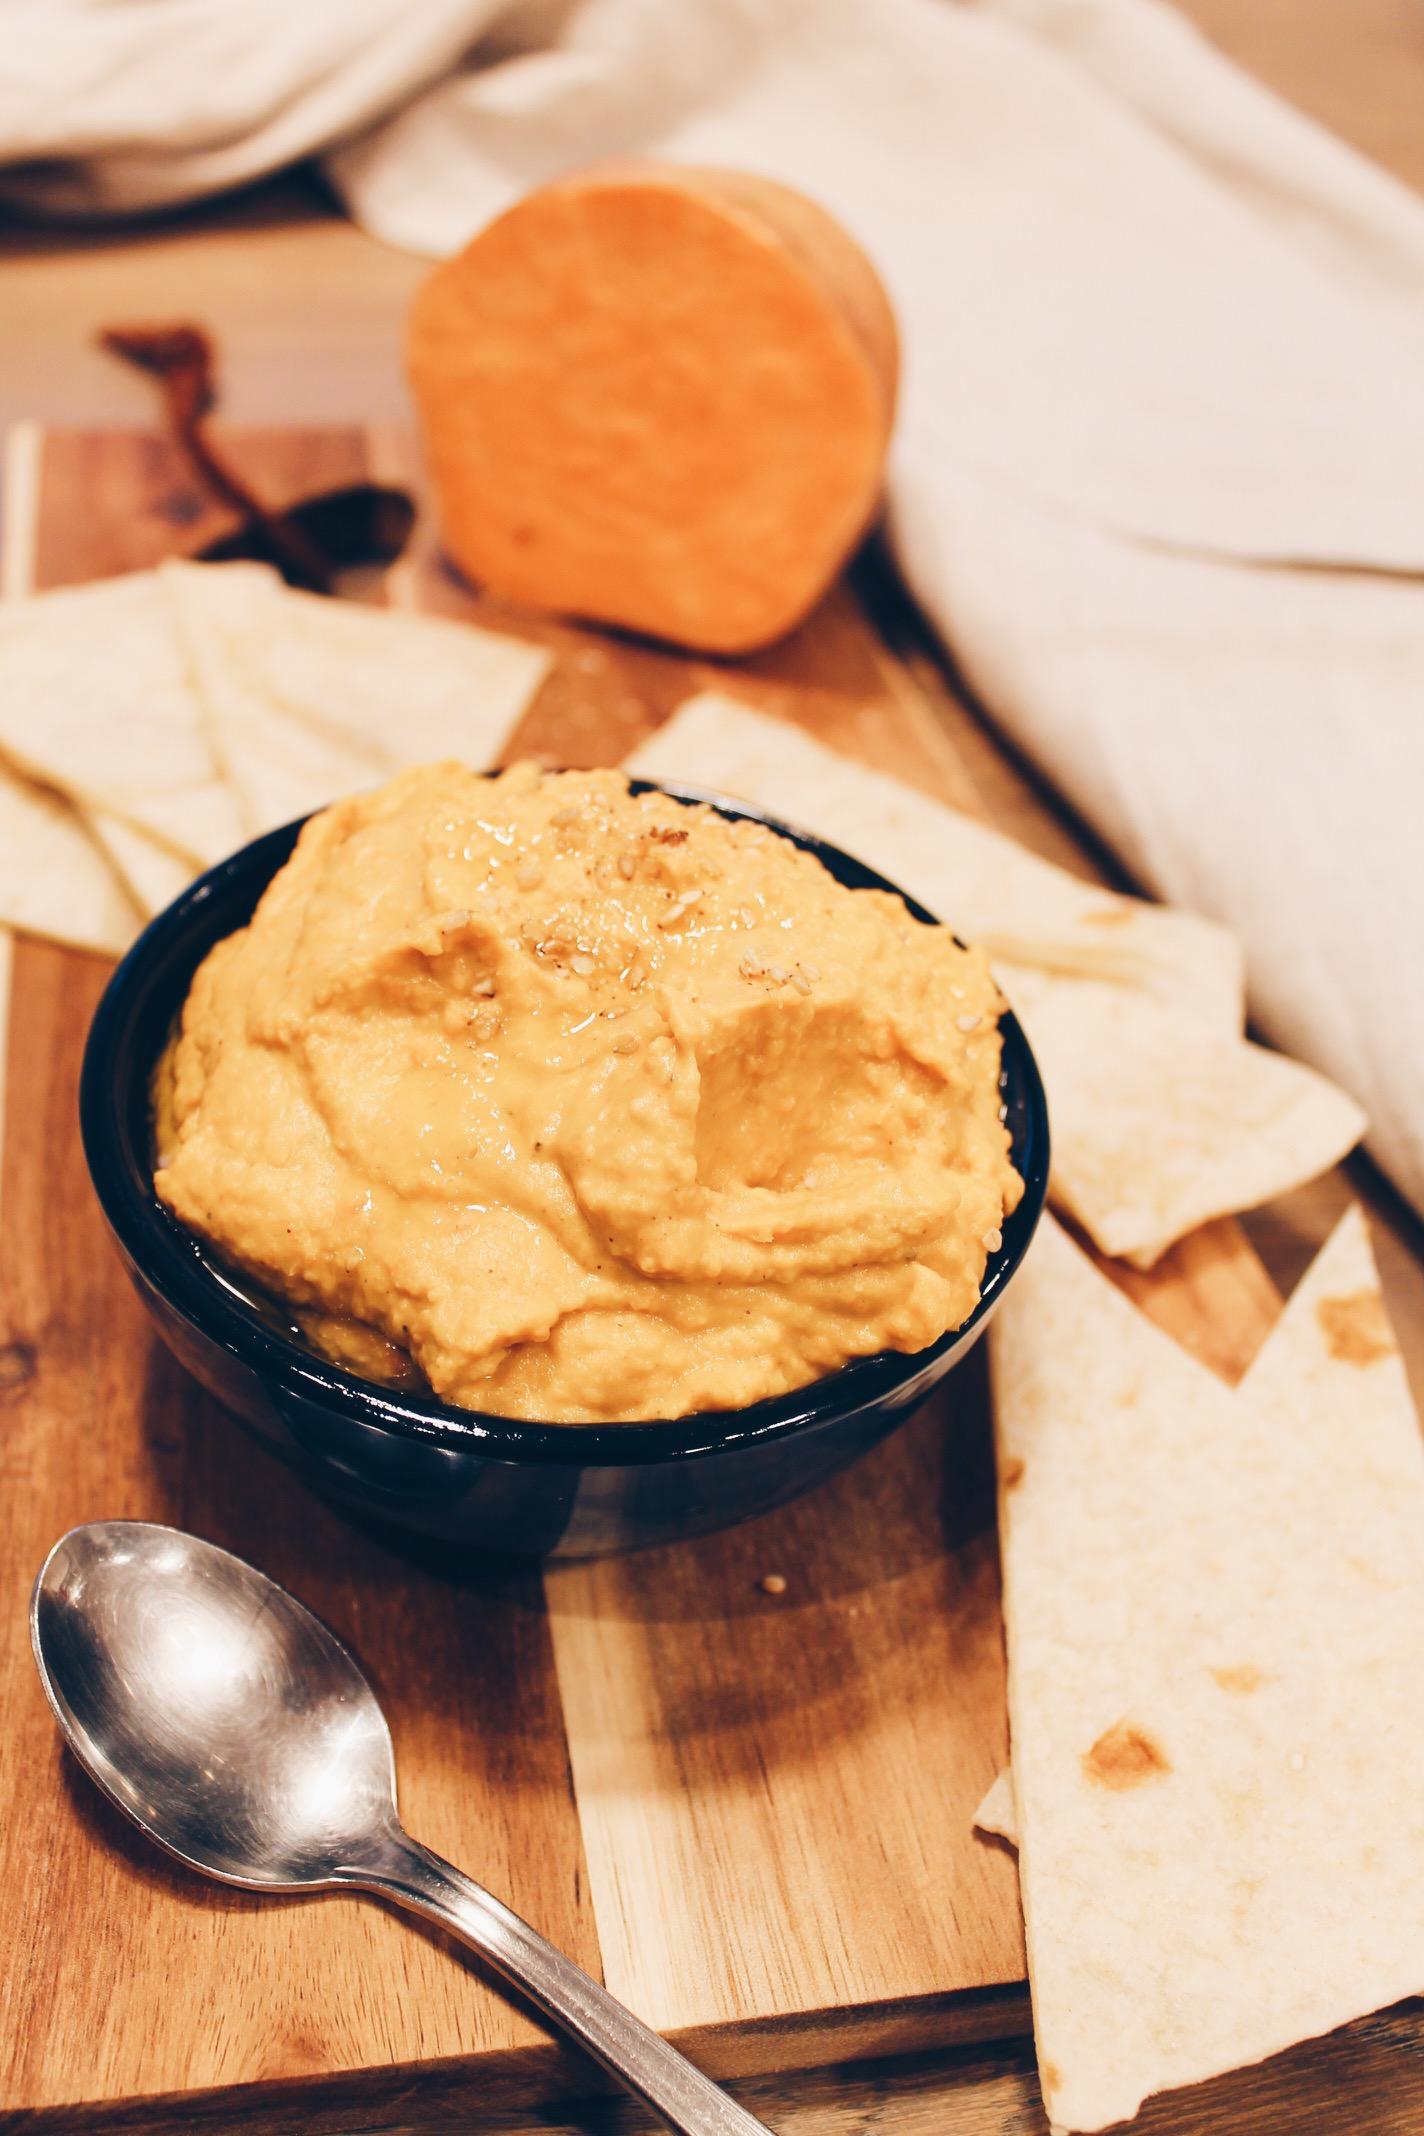 Recette de houmous vegan de patate douce et pois chiches sur le blog Lau à la menthe.